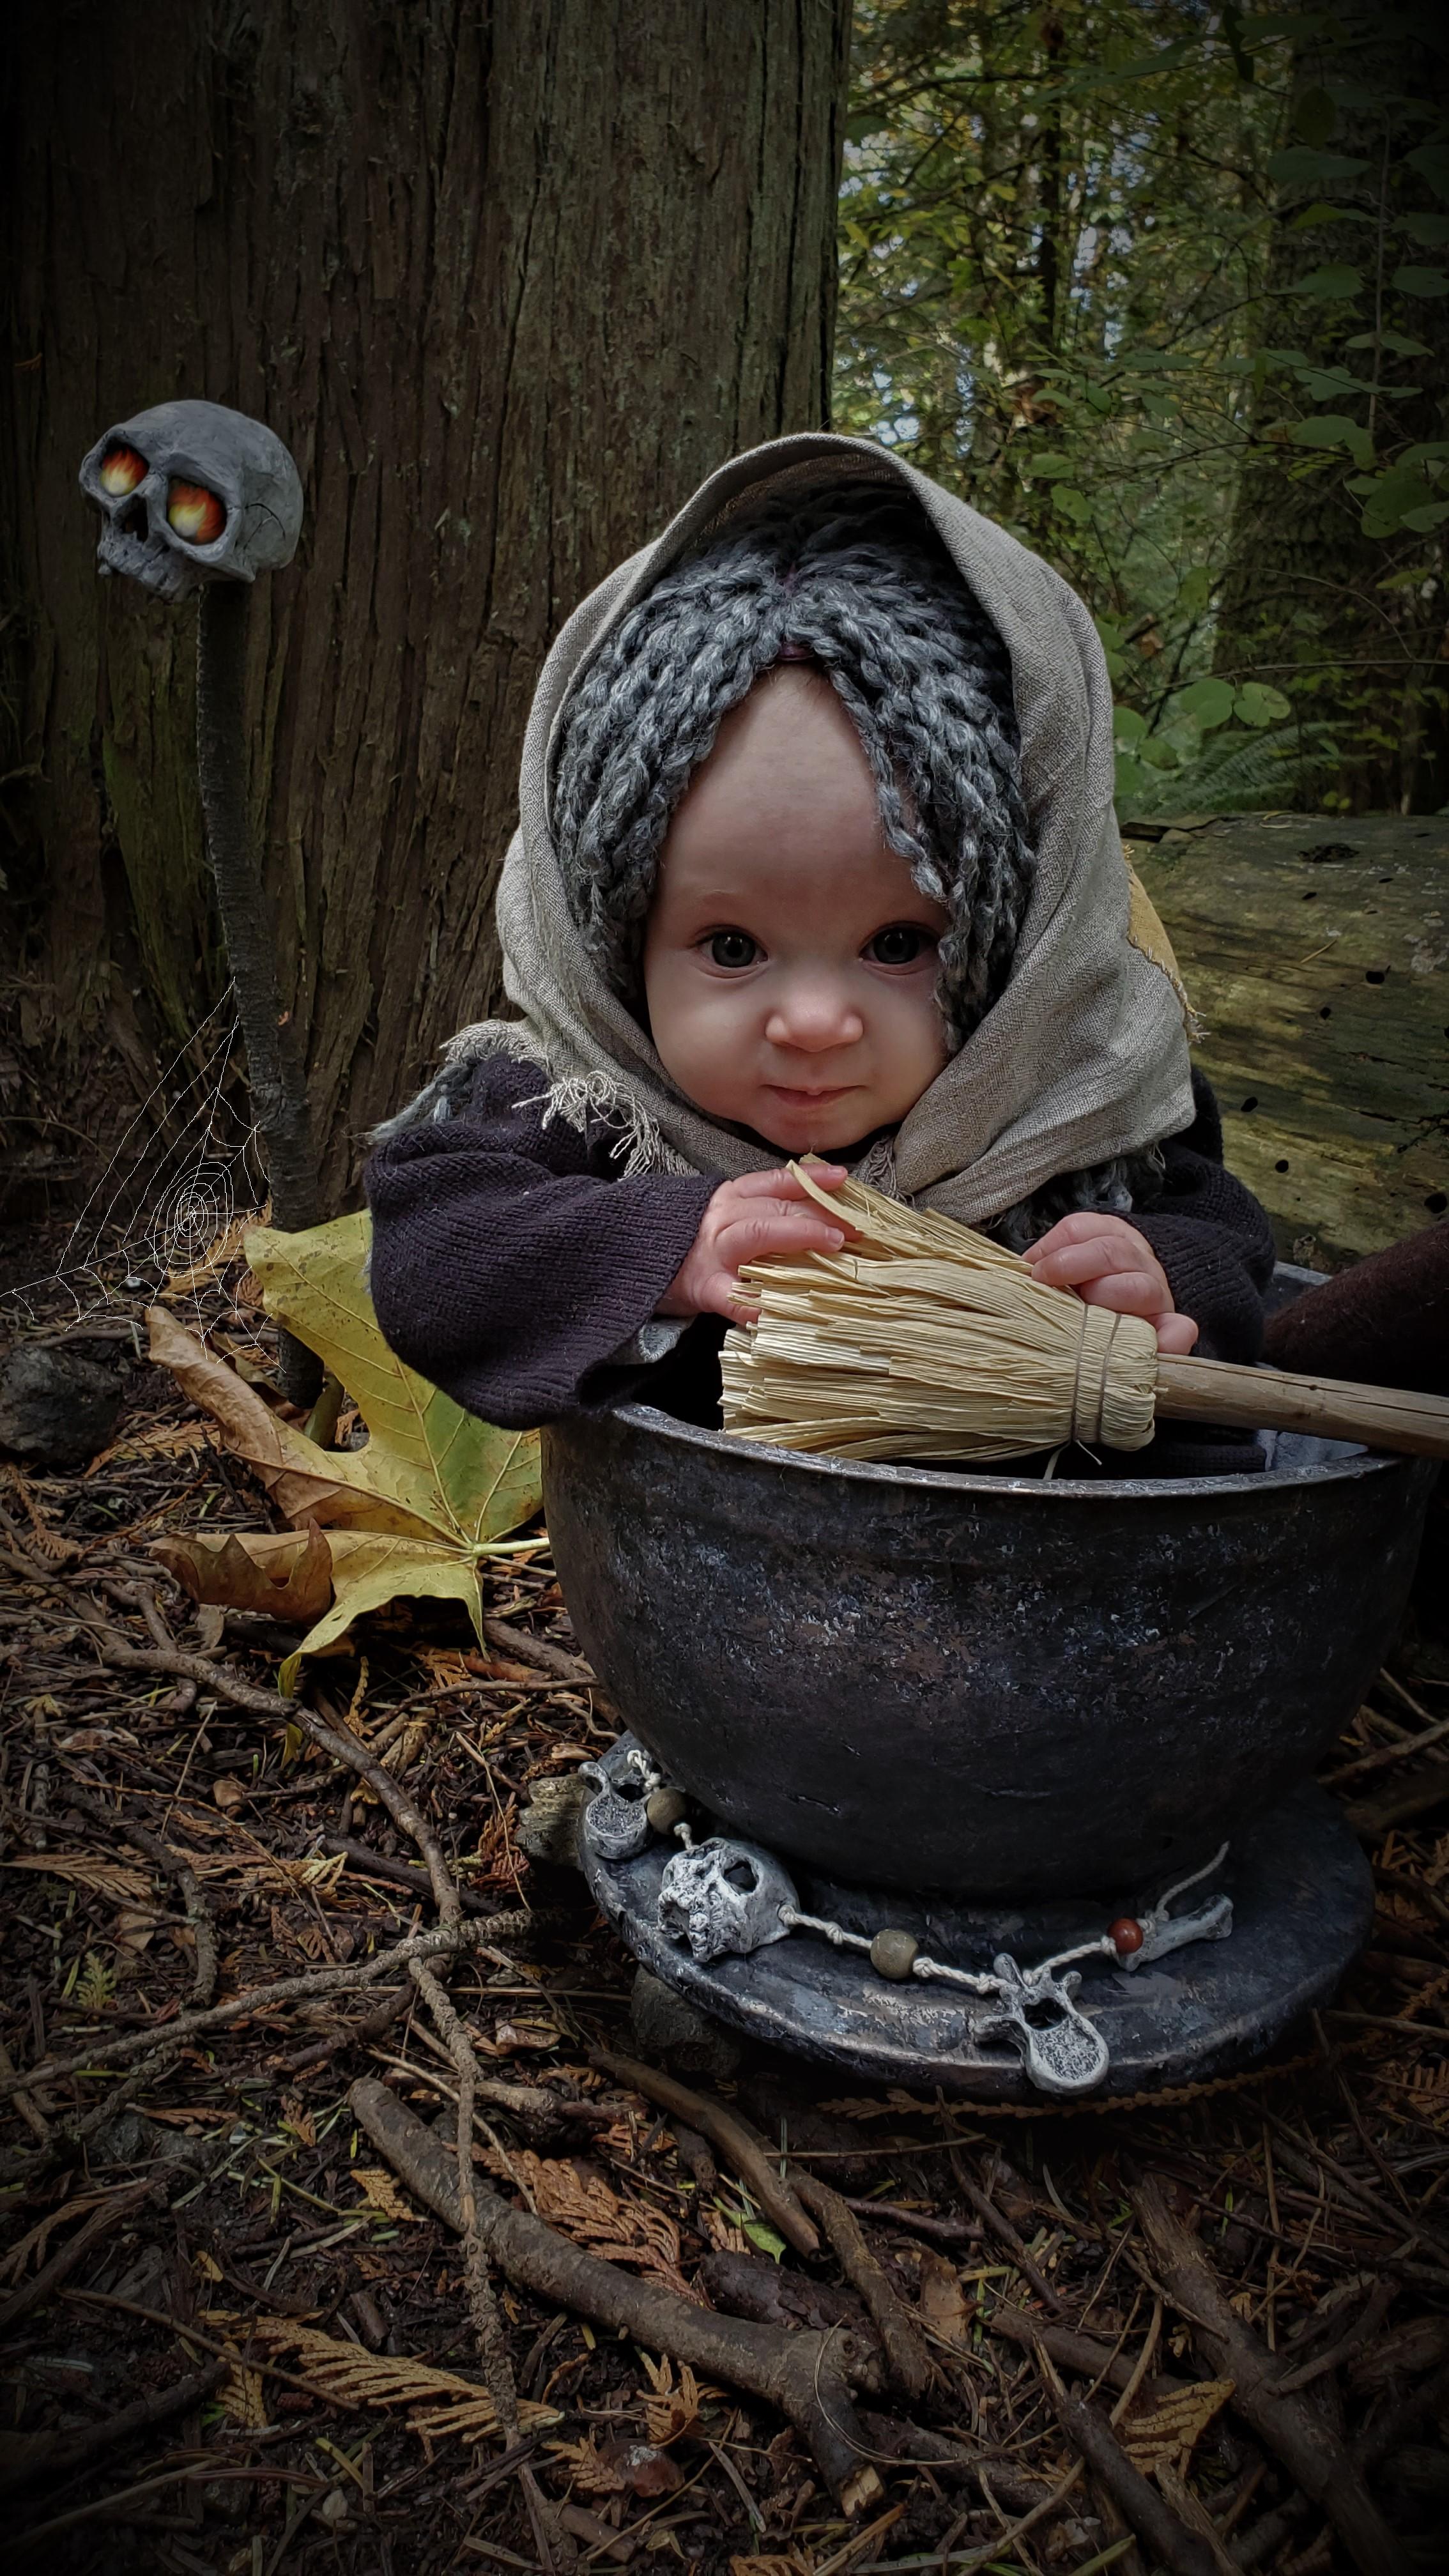 Baby Baba Yaga Photoshoot